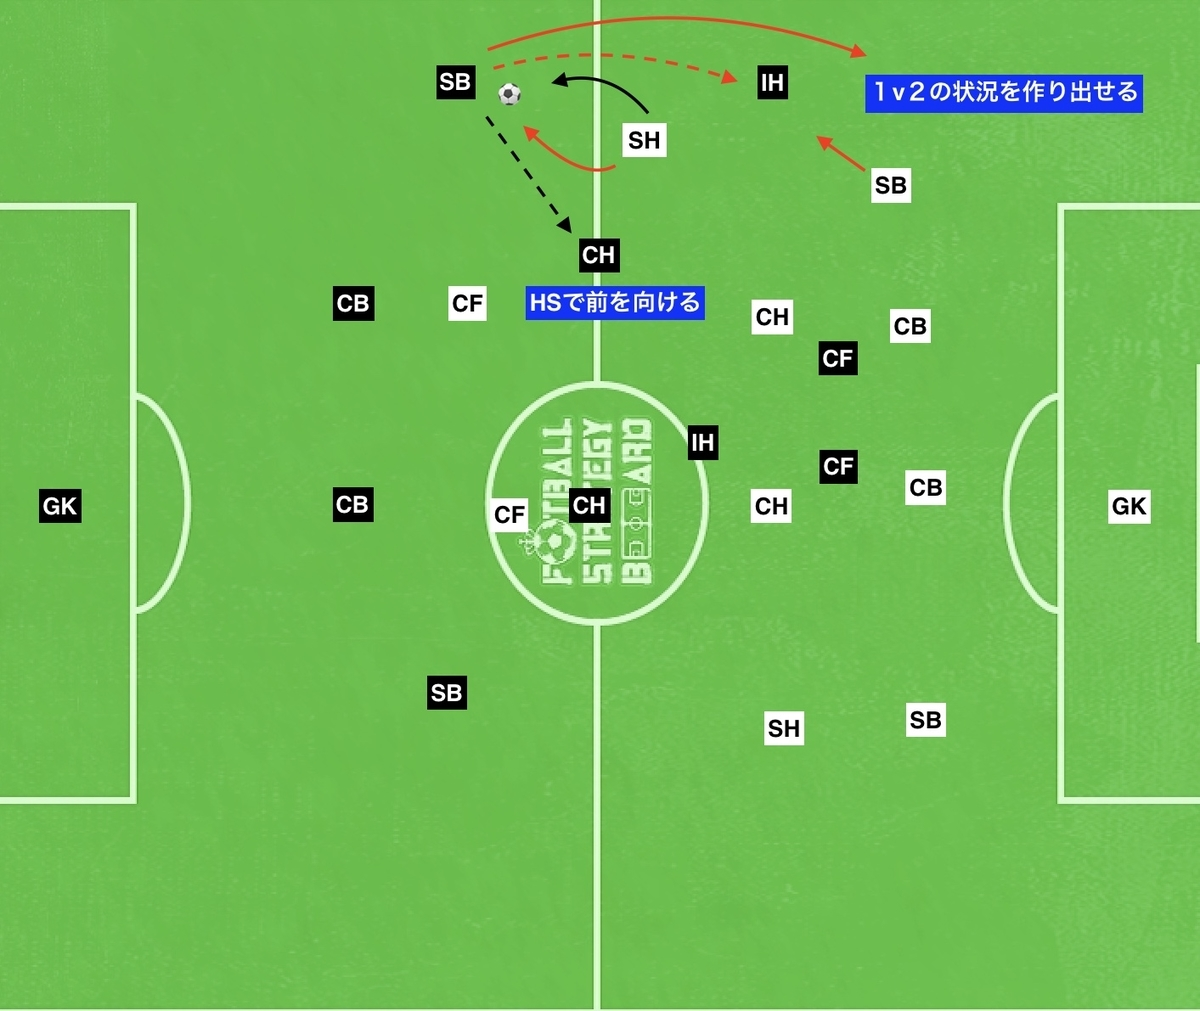 f:id:football-analyst:20190724115514j:plain